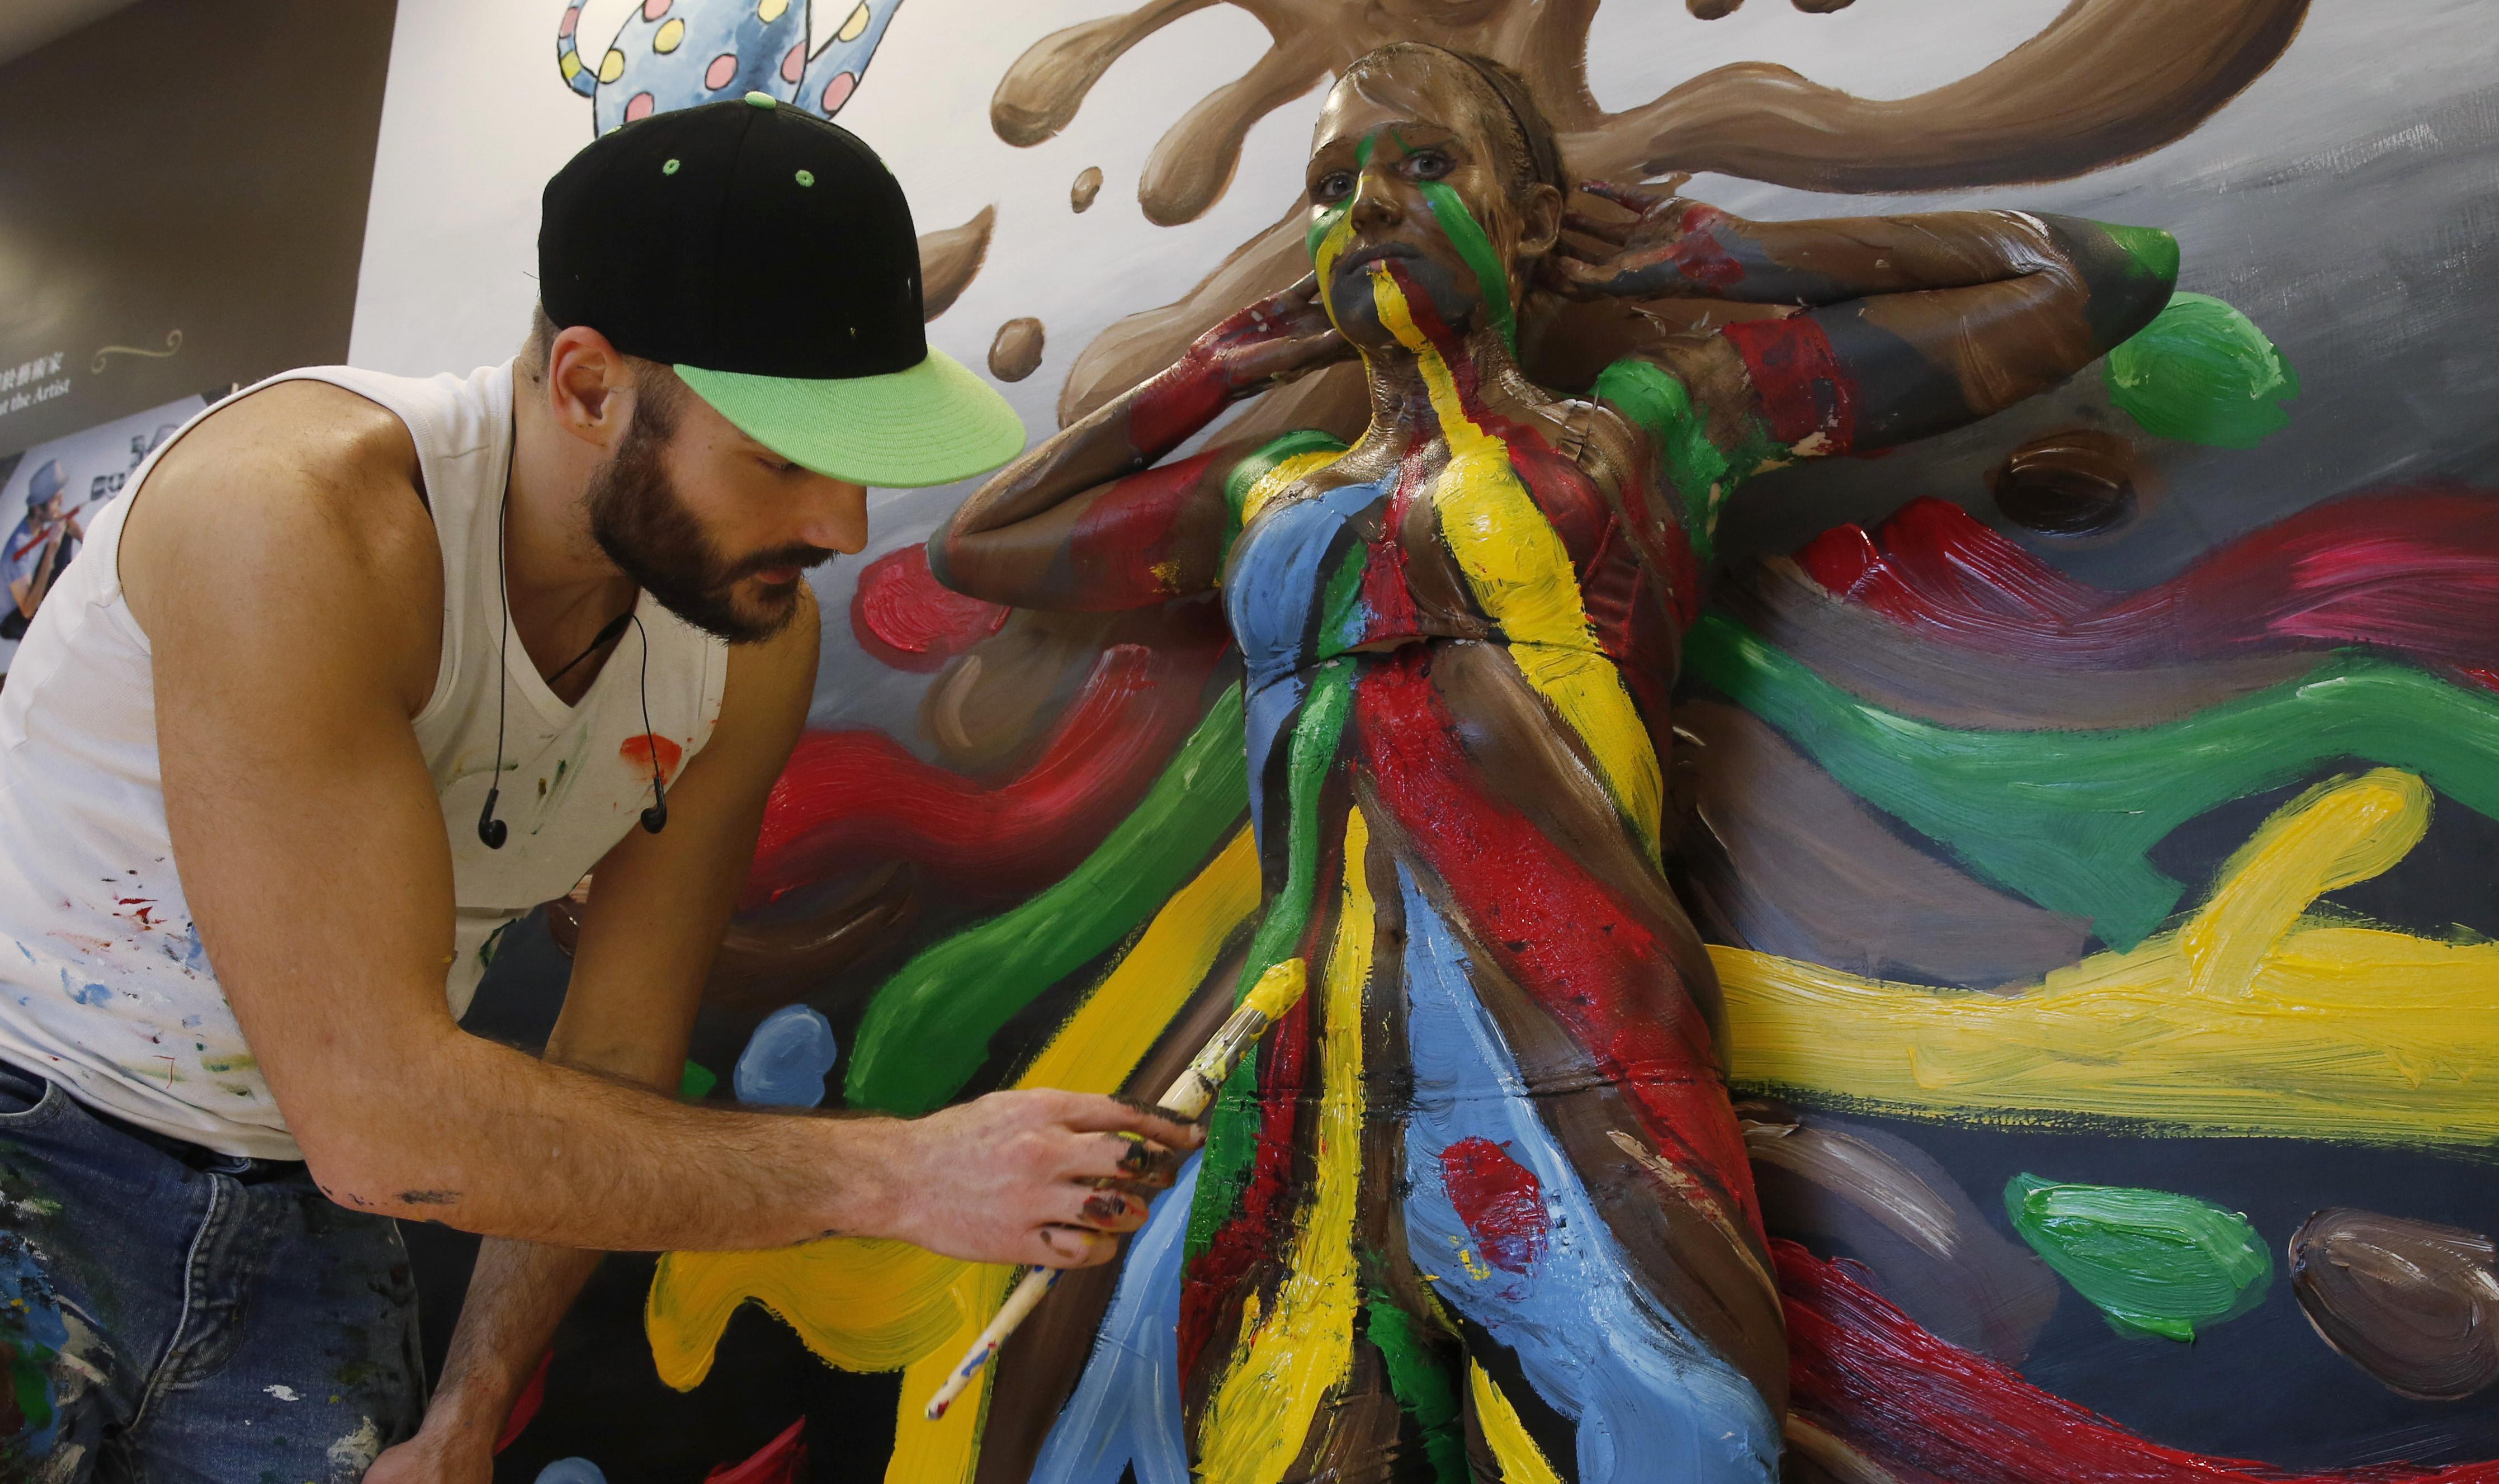 Man spray painting.